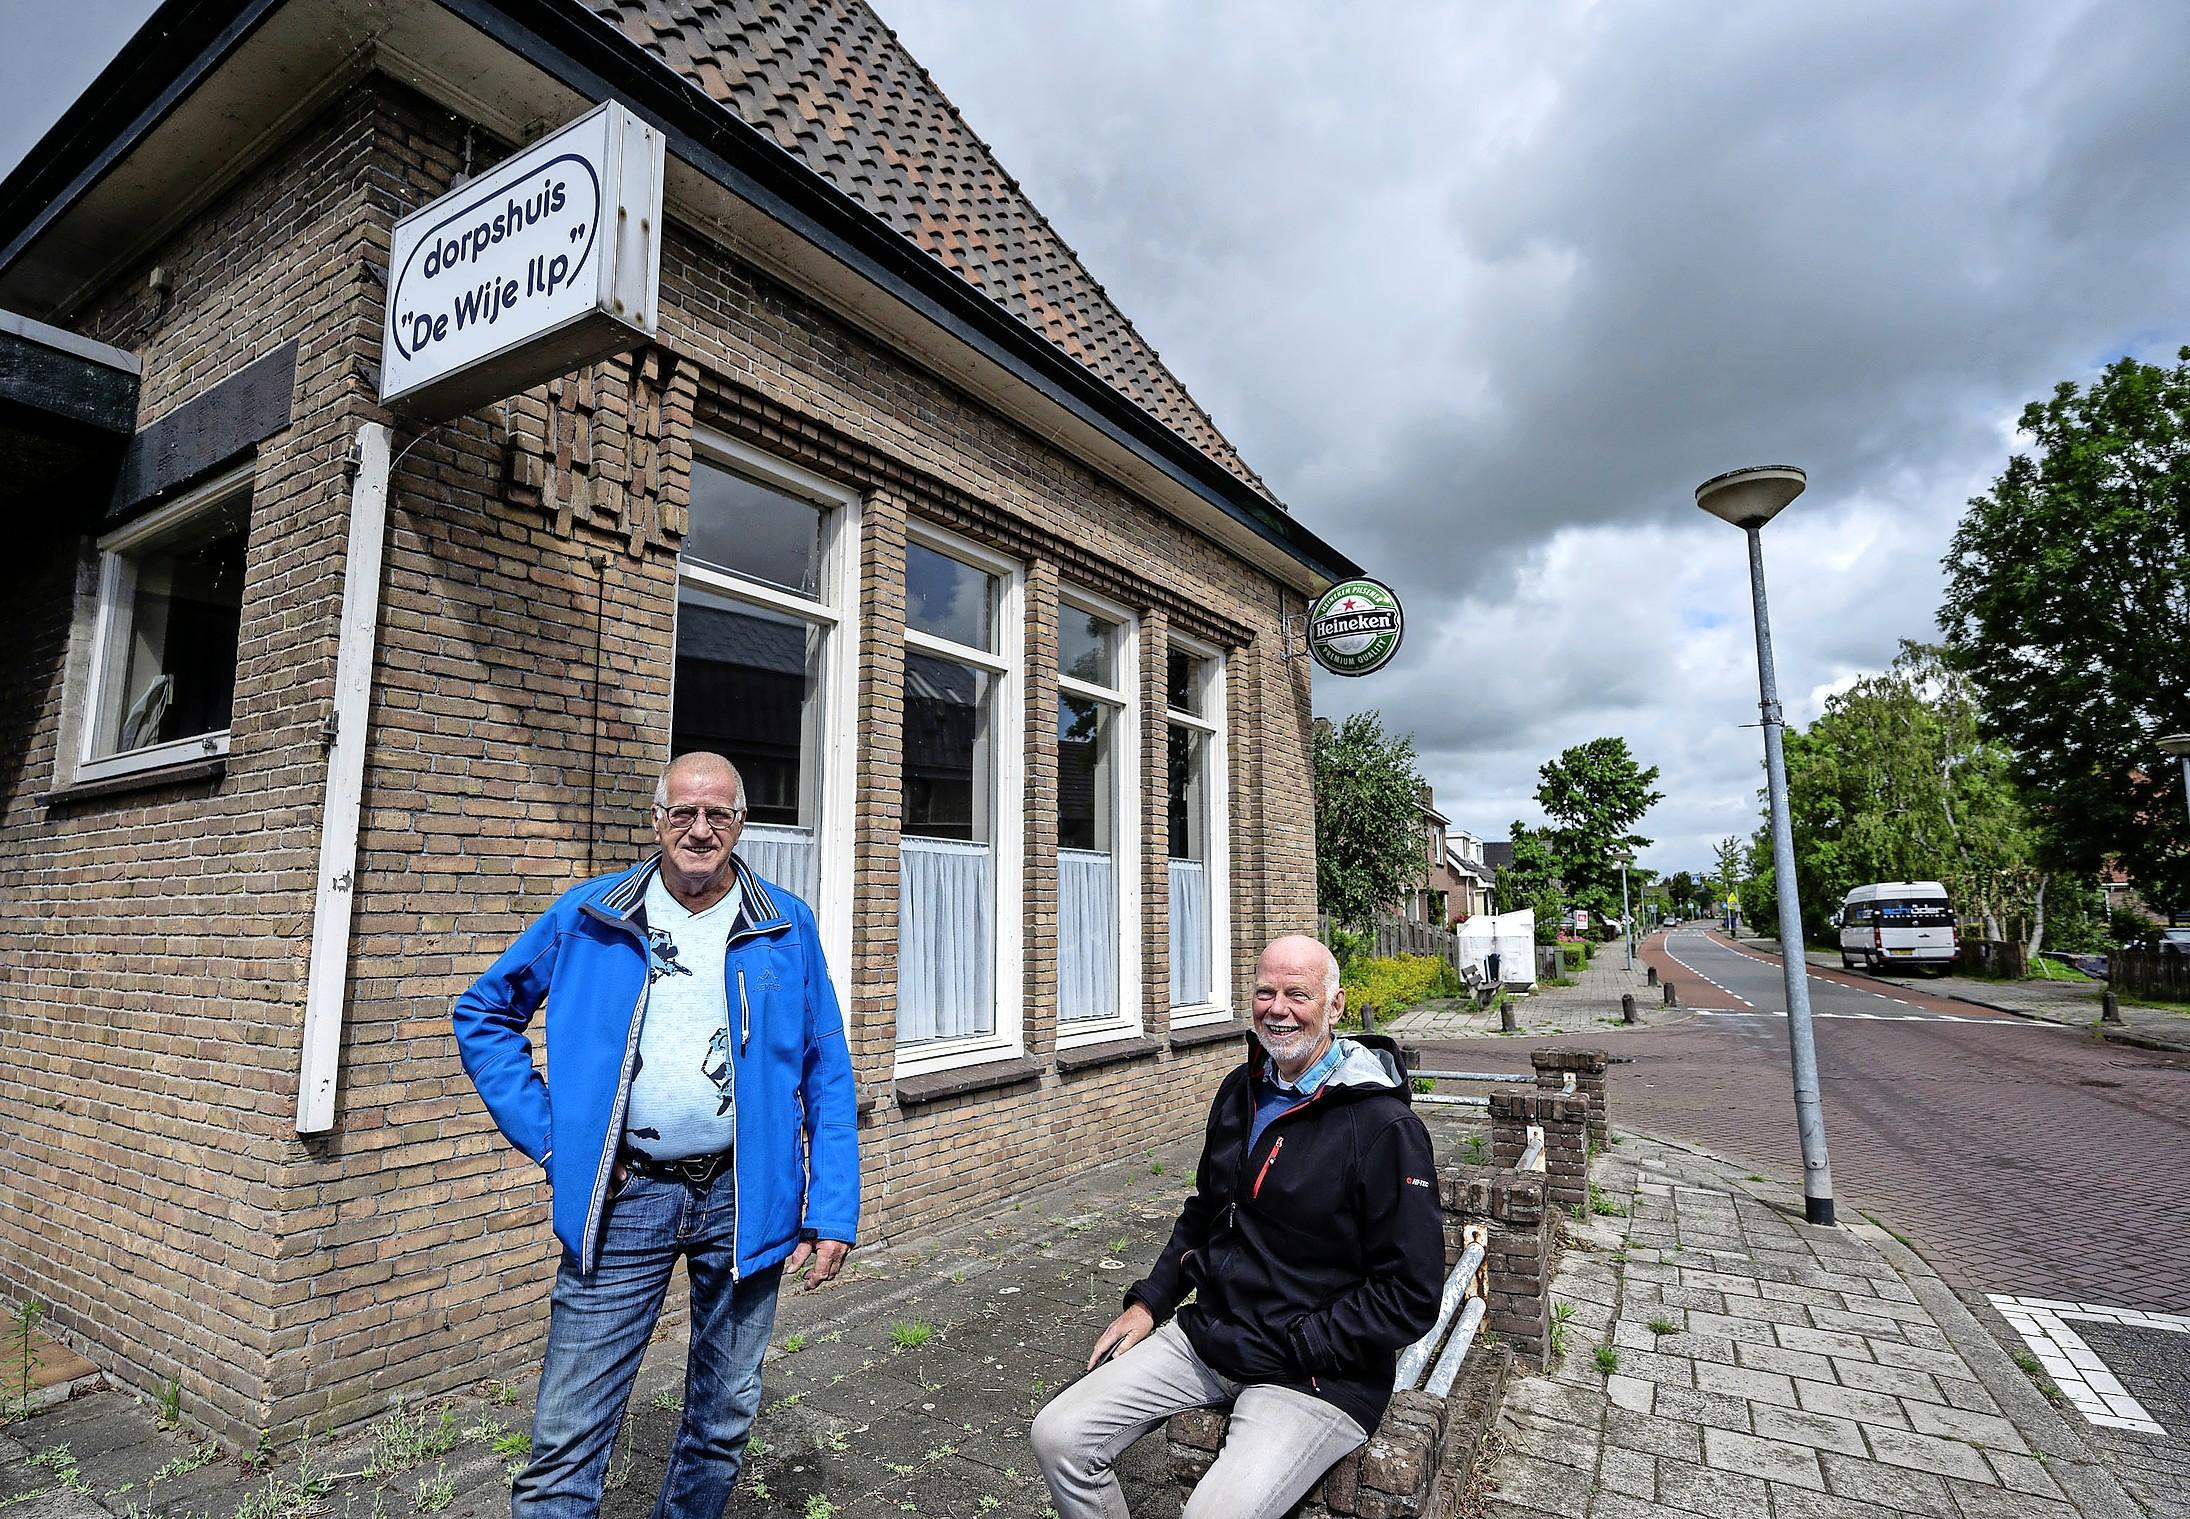 Monument voor vrijheidsstrijders in Den Ilp; Ellie en Piet Buijs nemen initiatief voor herdenkingsplaquette op dorpshuis. 'Het stikte hier van de onderduikers'